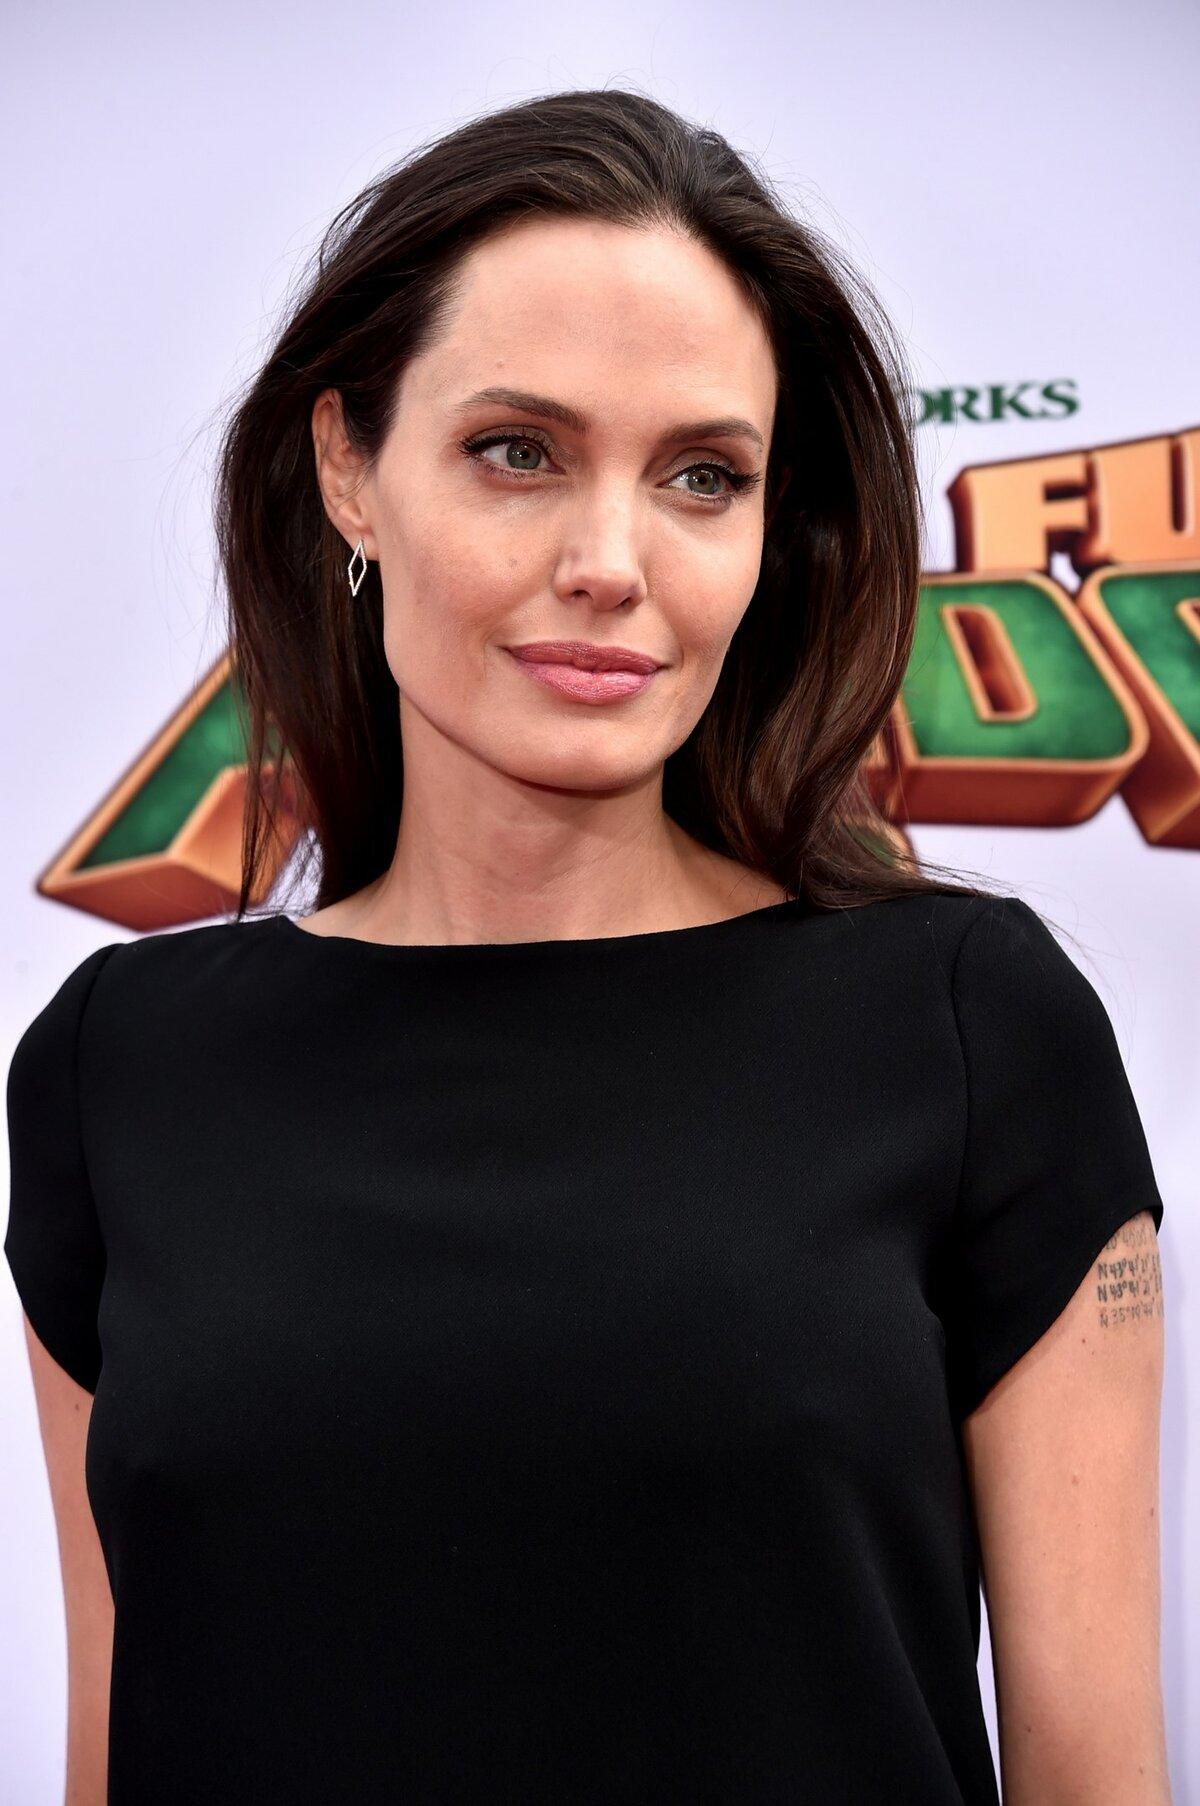 В 2016 году актриса поразила своей худобой - её вес достиг отметки 40 кг.